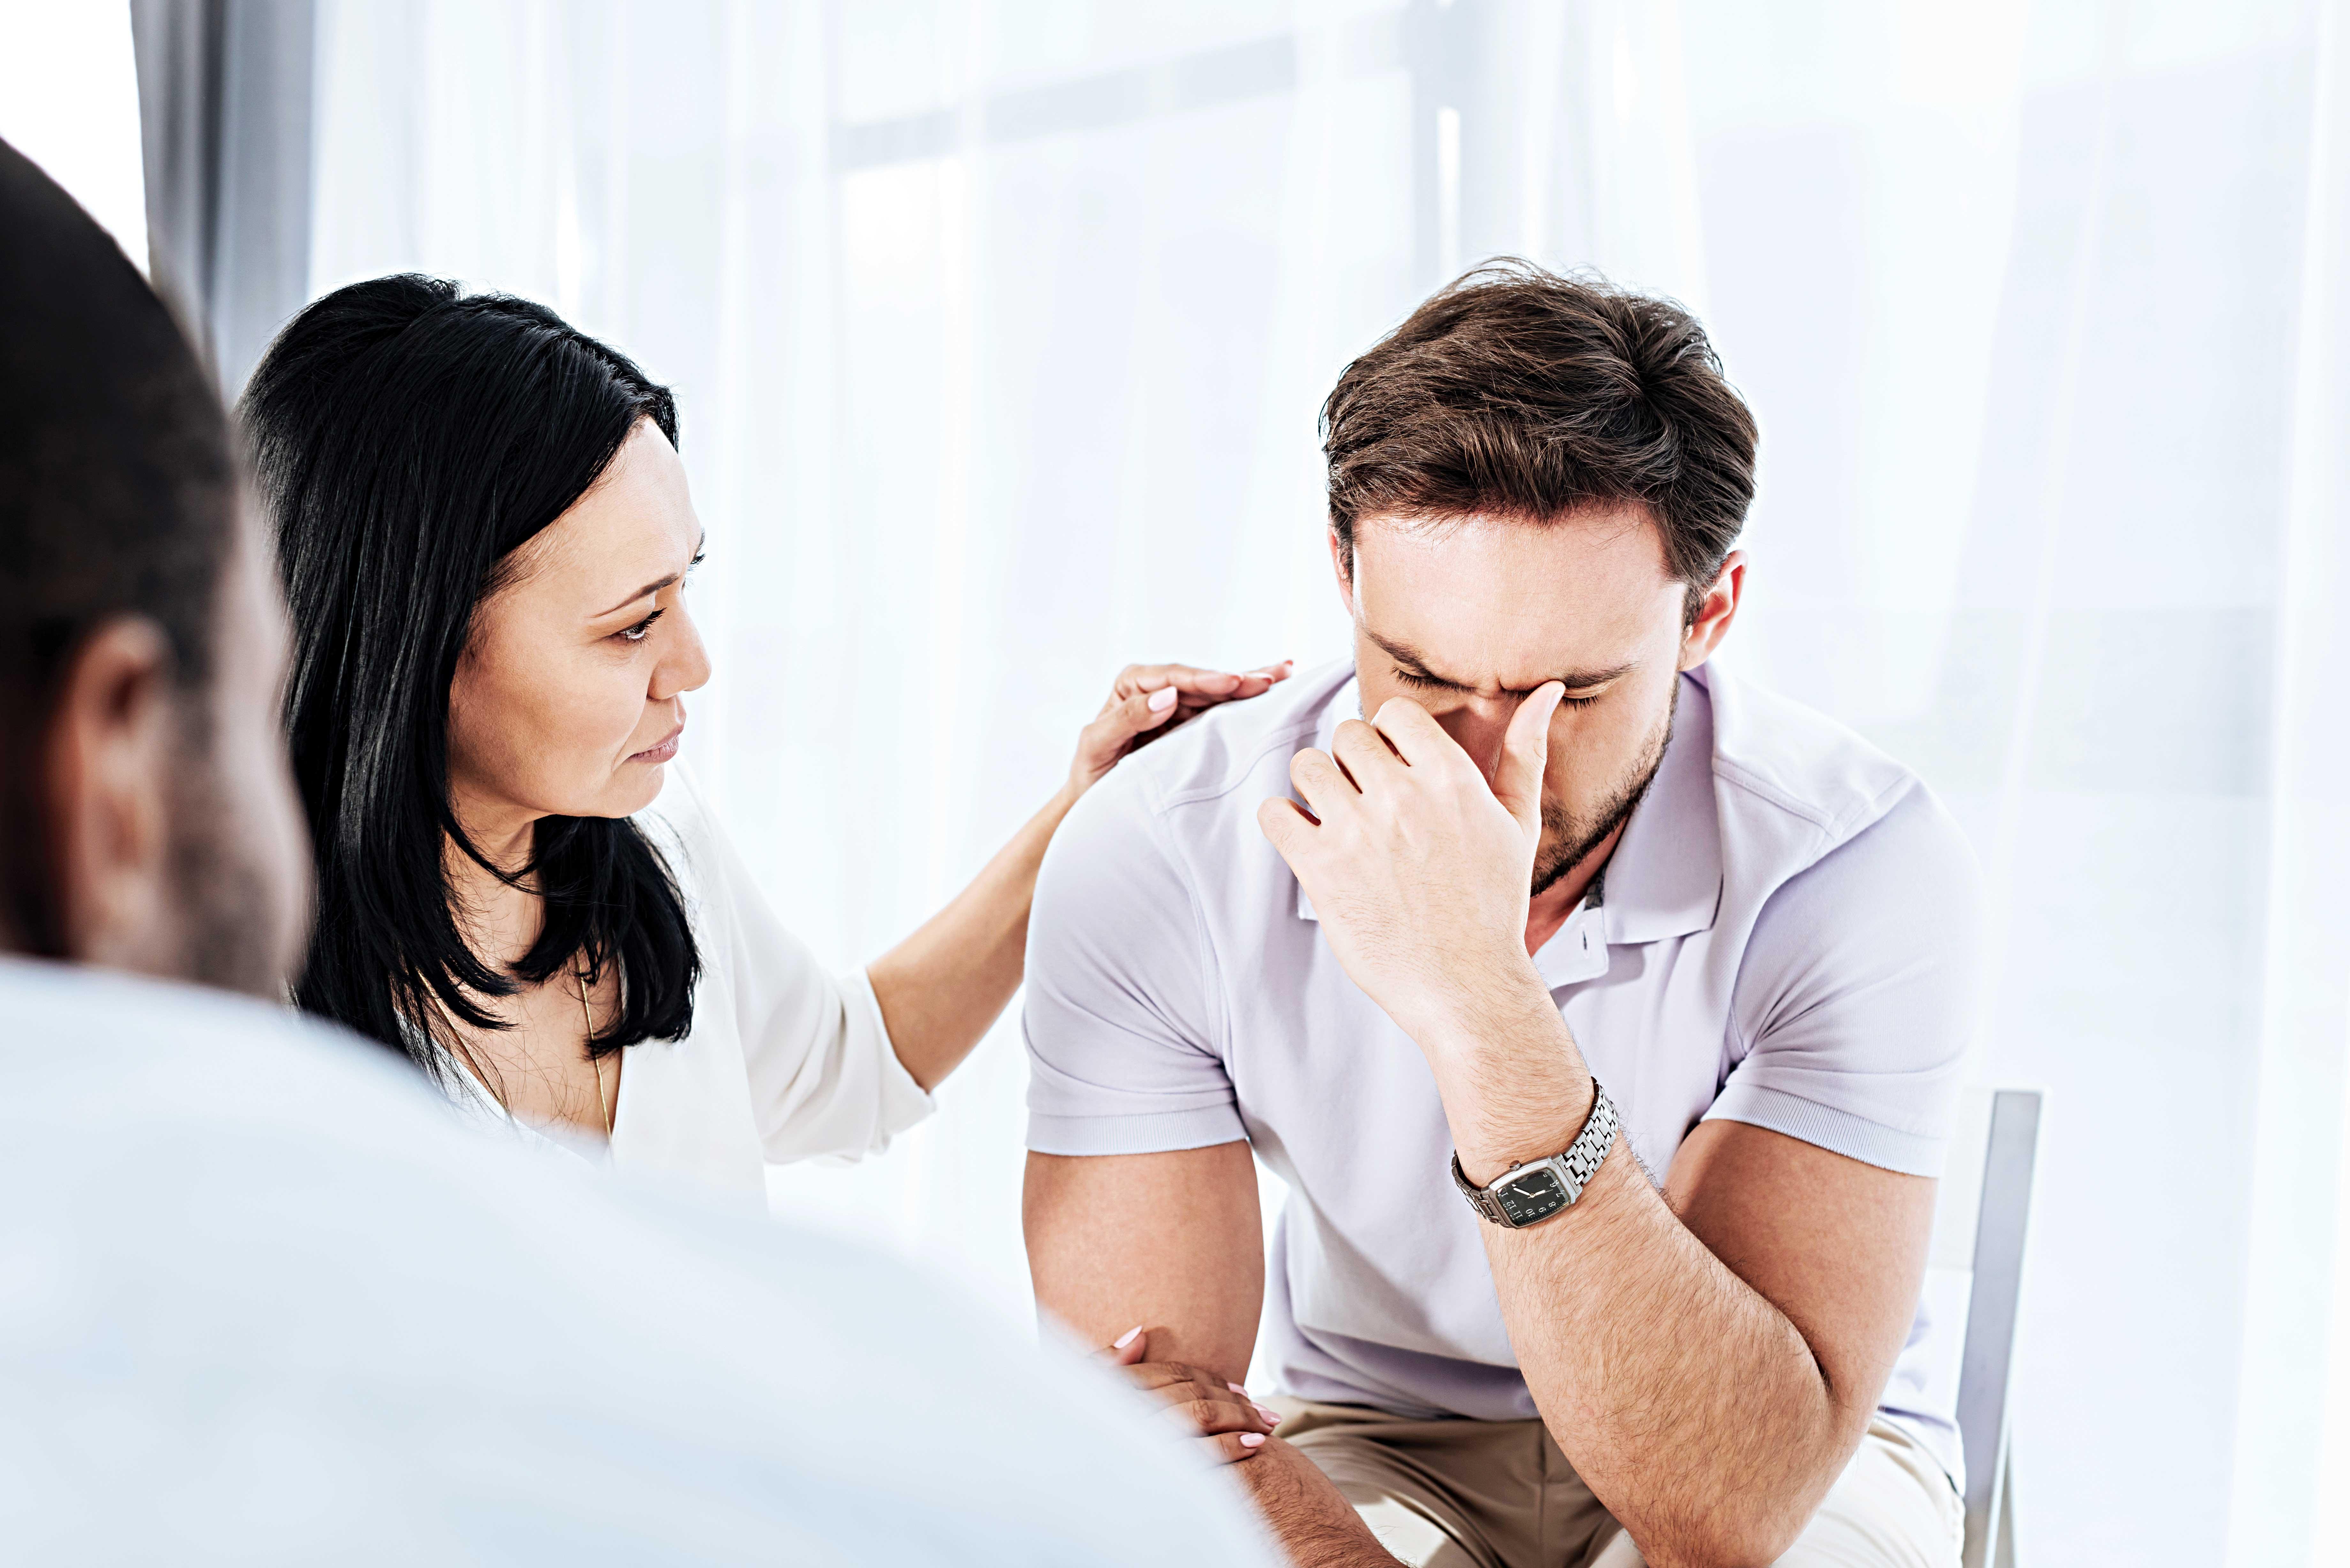 SKILSMISSE: Ektefeller Som Ikke ønsker å fortsette Samlivet Kan Kreve Separasjon Og Skilsmisse. Illustrasjonsbilde: Www.colourbox.com